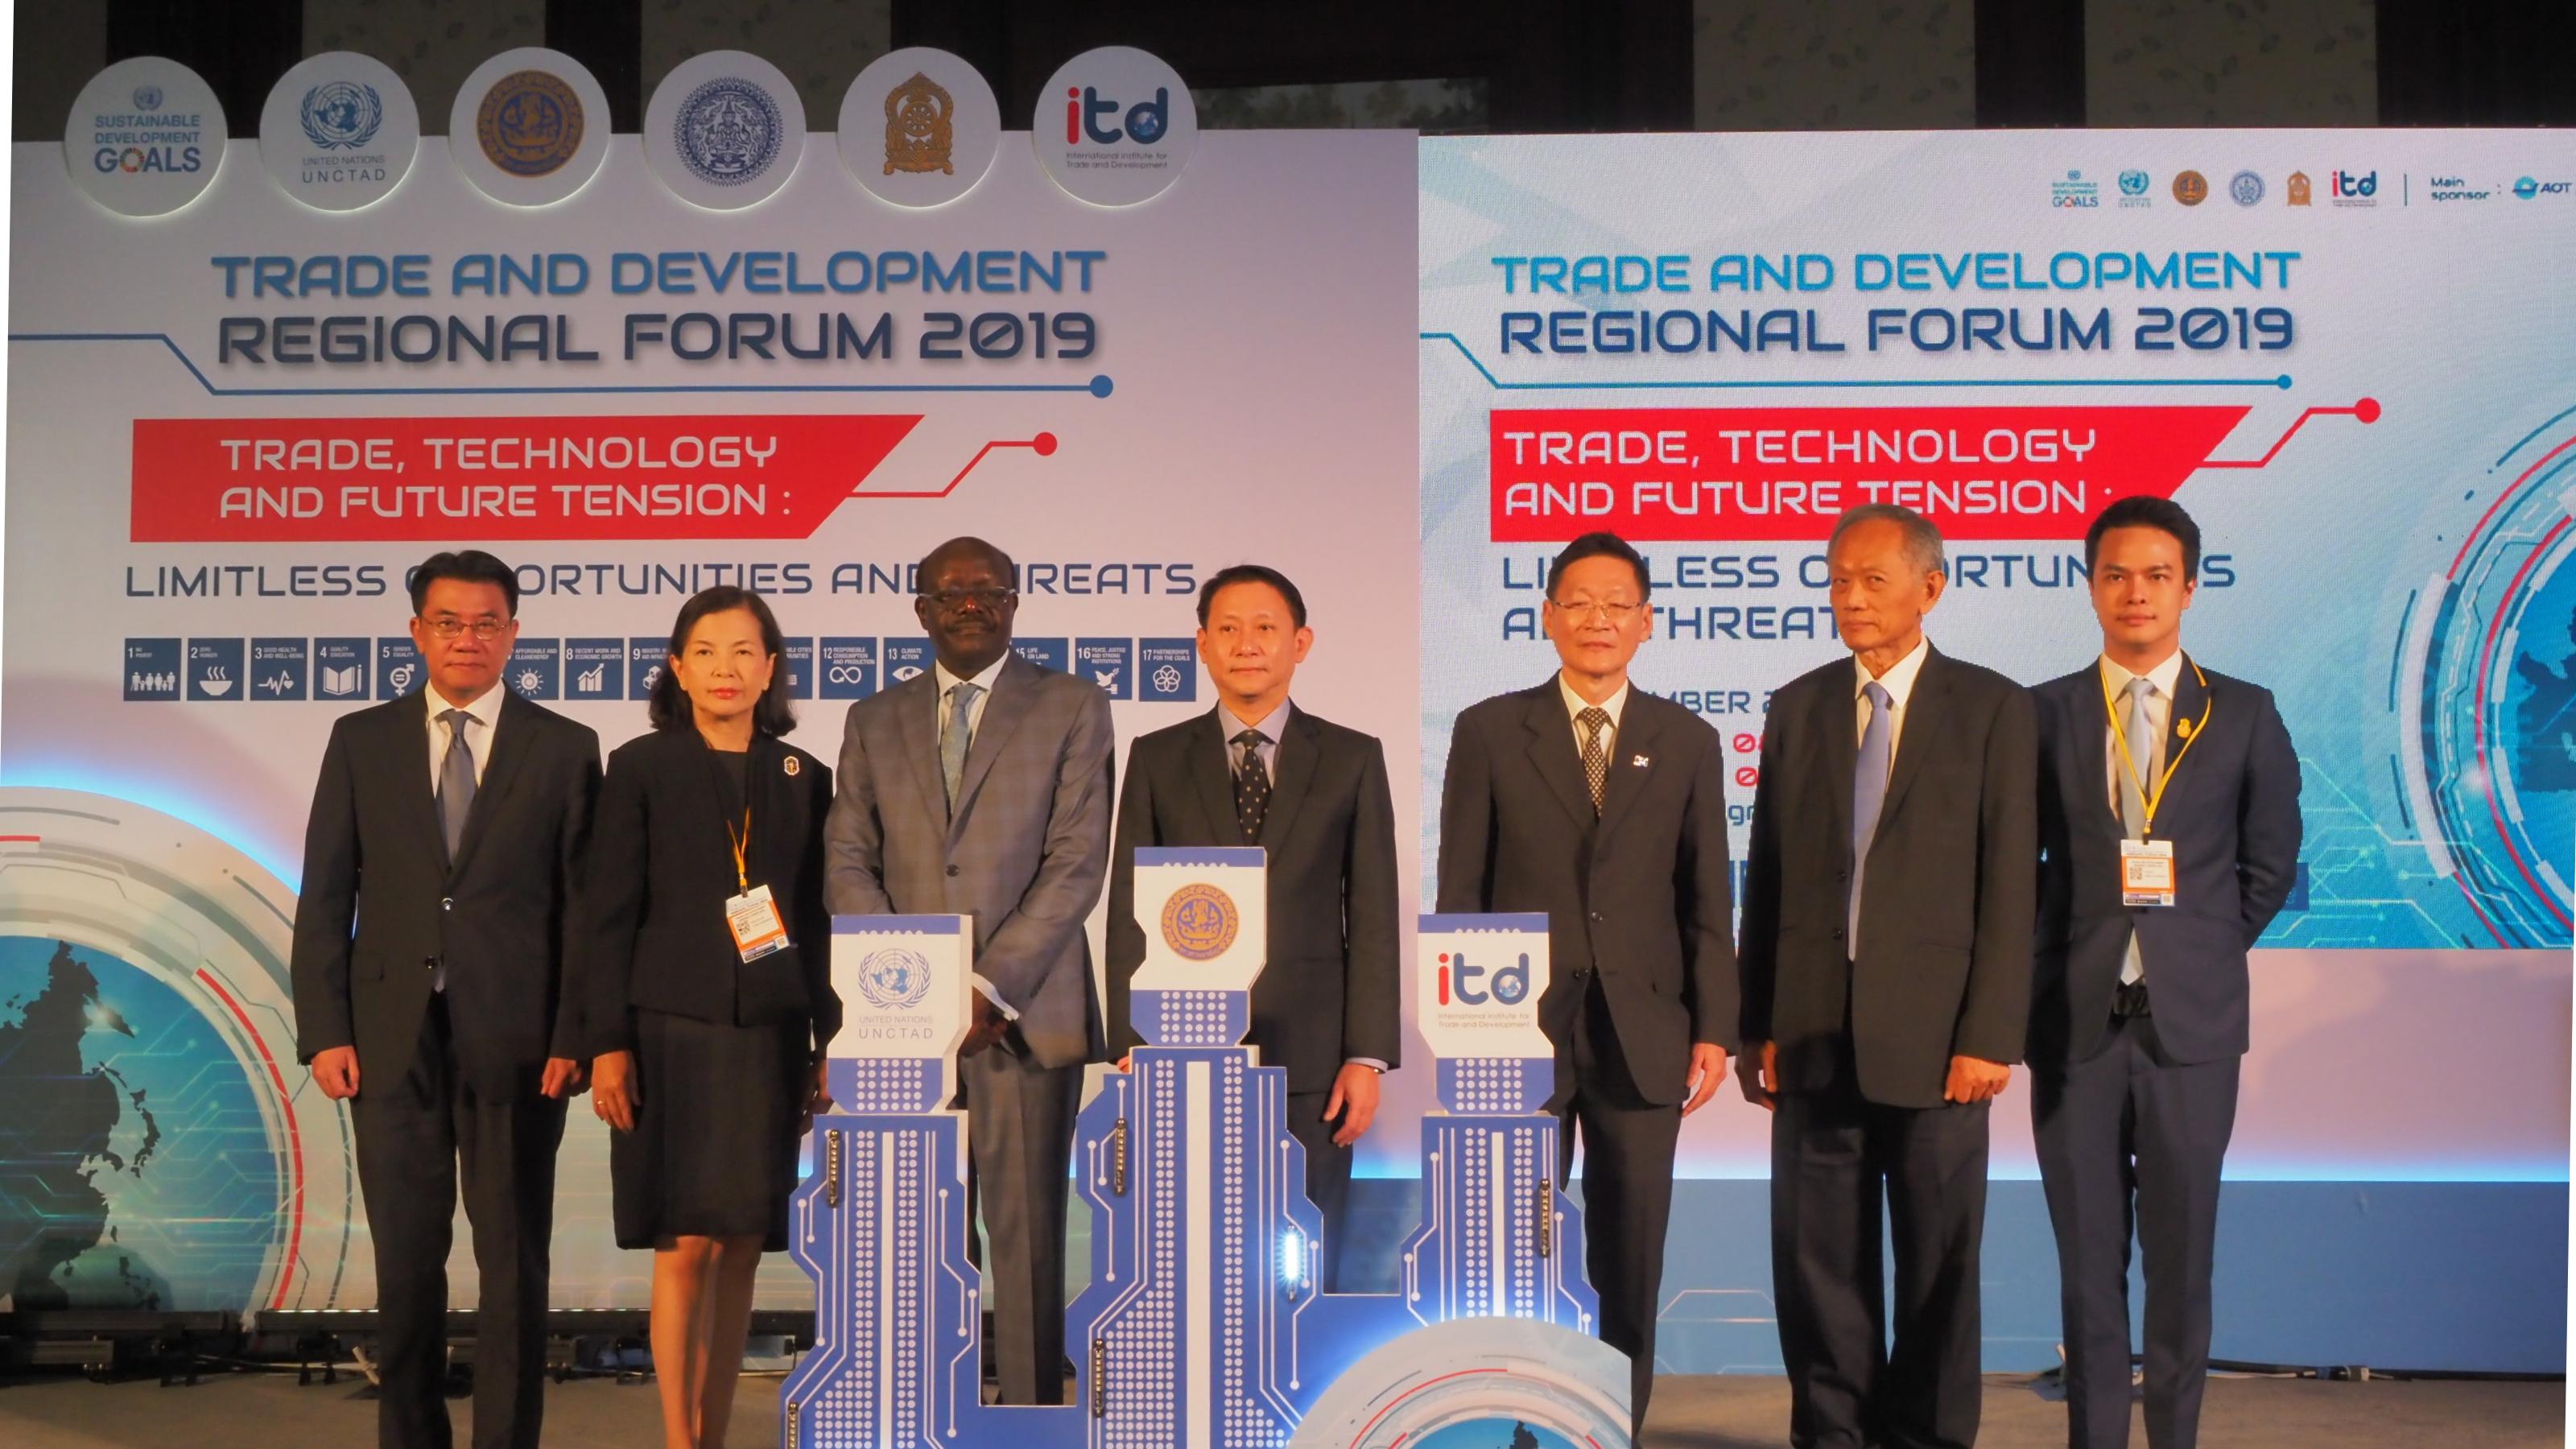 """ITD จัดการสัมมนาวิชาการ """"เวทีการประชุมระดับภูมิภาคว่าด้วยการค้าและการพัฒนา ประจำปี 2562"""" (Trade and Development Regional Forum 2019)"""